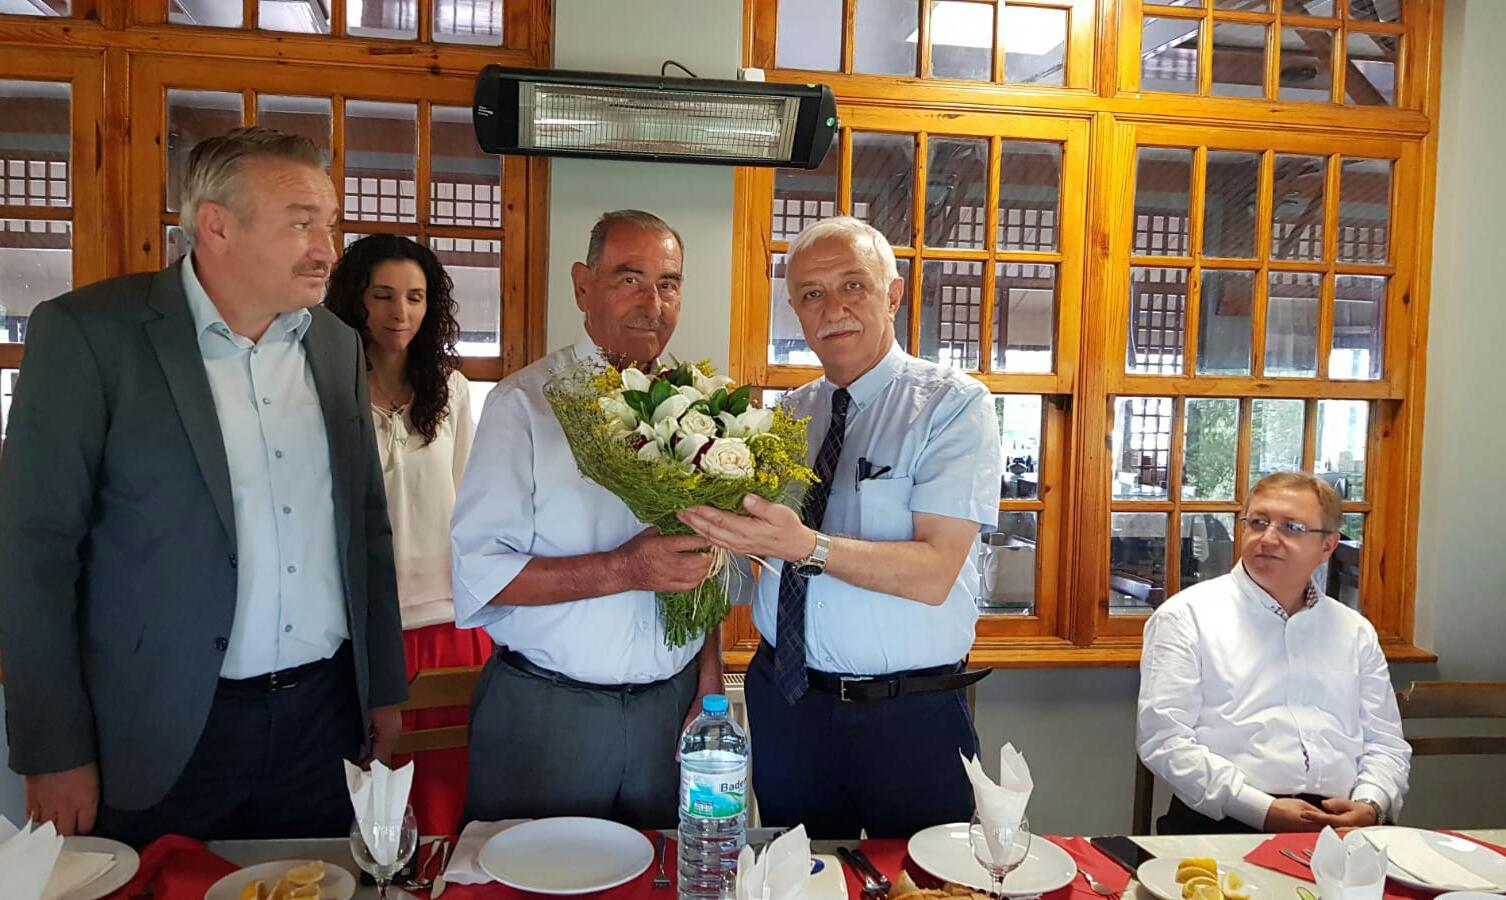 Çorum İl Sağlık Müdürü Uzman Doktor Ömer Sobacı, Sungurlu Devlet Hastanesi'ne yaptığı yardımlardan dolayı hayırsever işadamı Halil Bekmezci'ye teşekkür plaketi verdi.   Sungurlu Haber